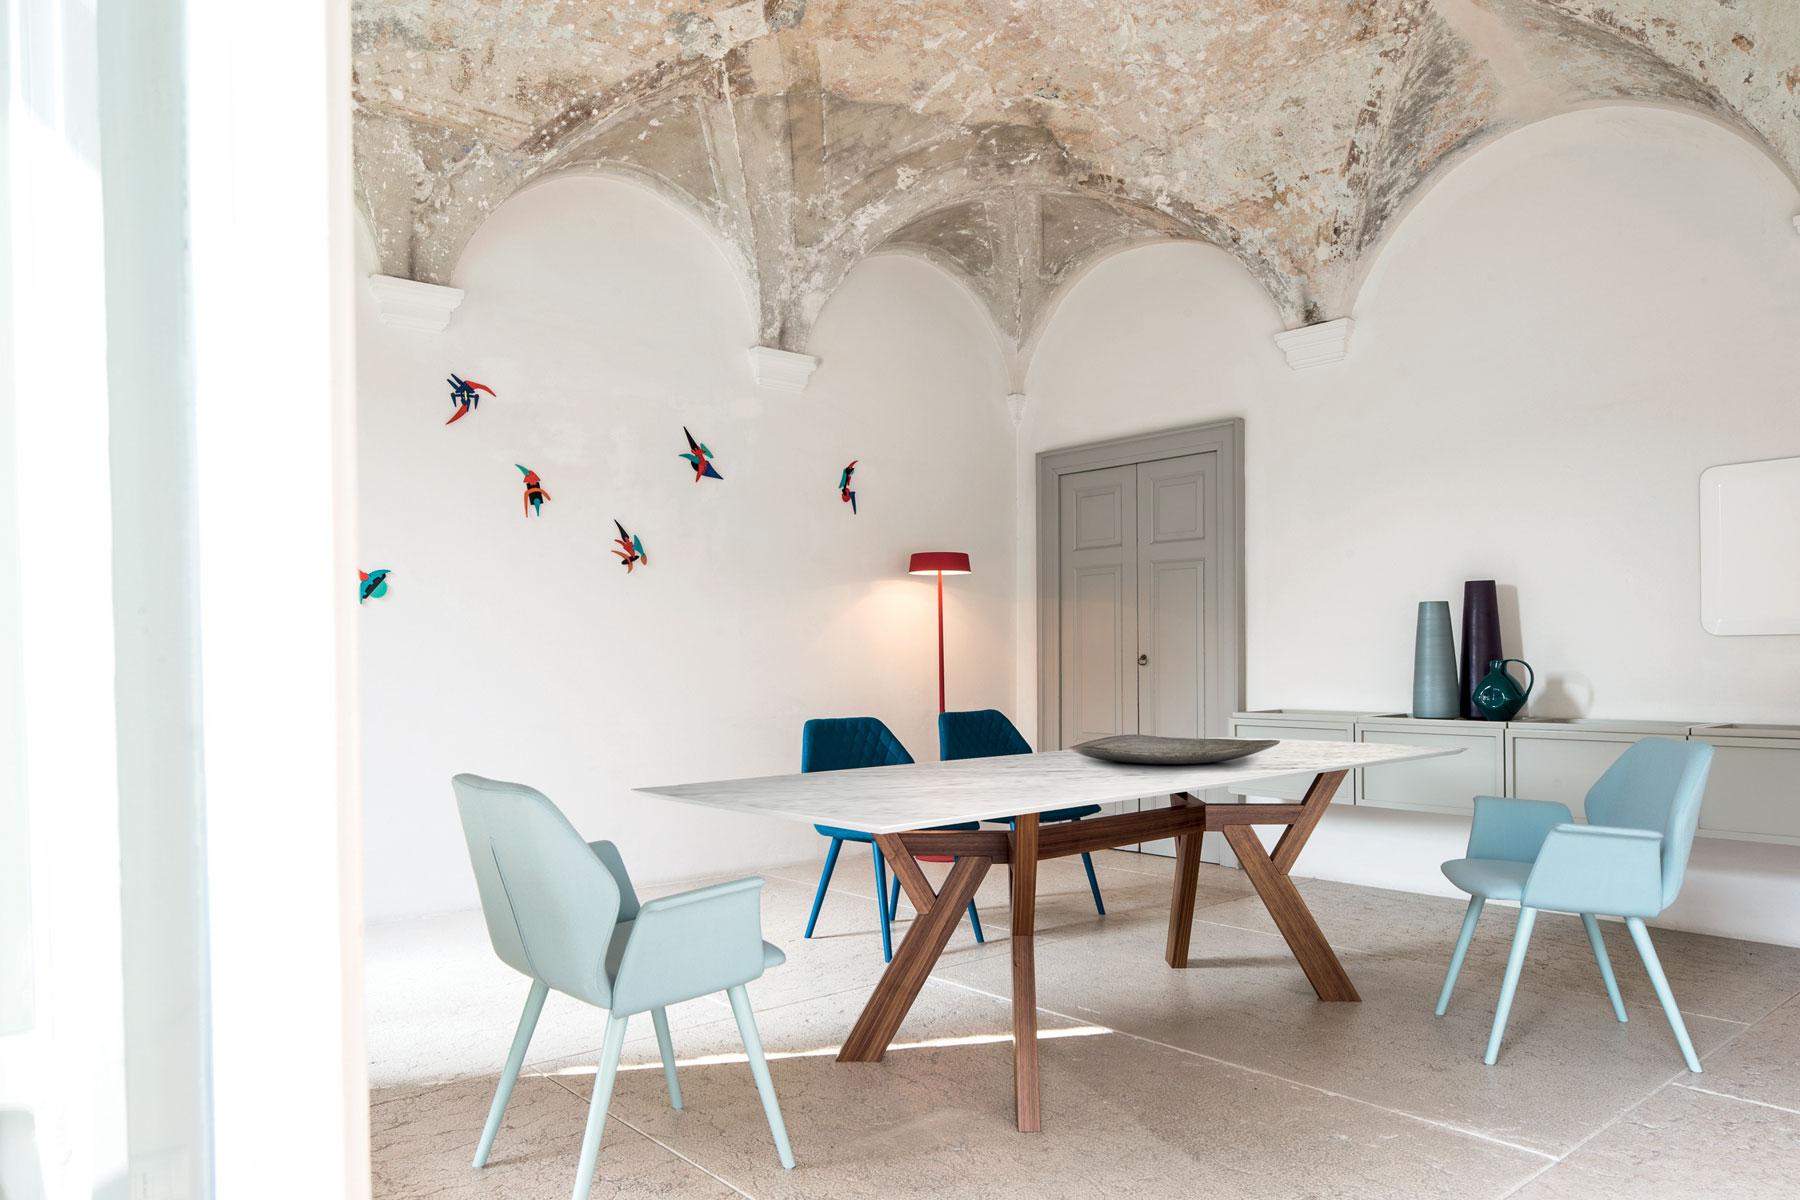 Table de réception Trigono avec piètement en bois teinté et plateau en marbre - Chaise design AVA colori bleu ciel Bross (profil)